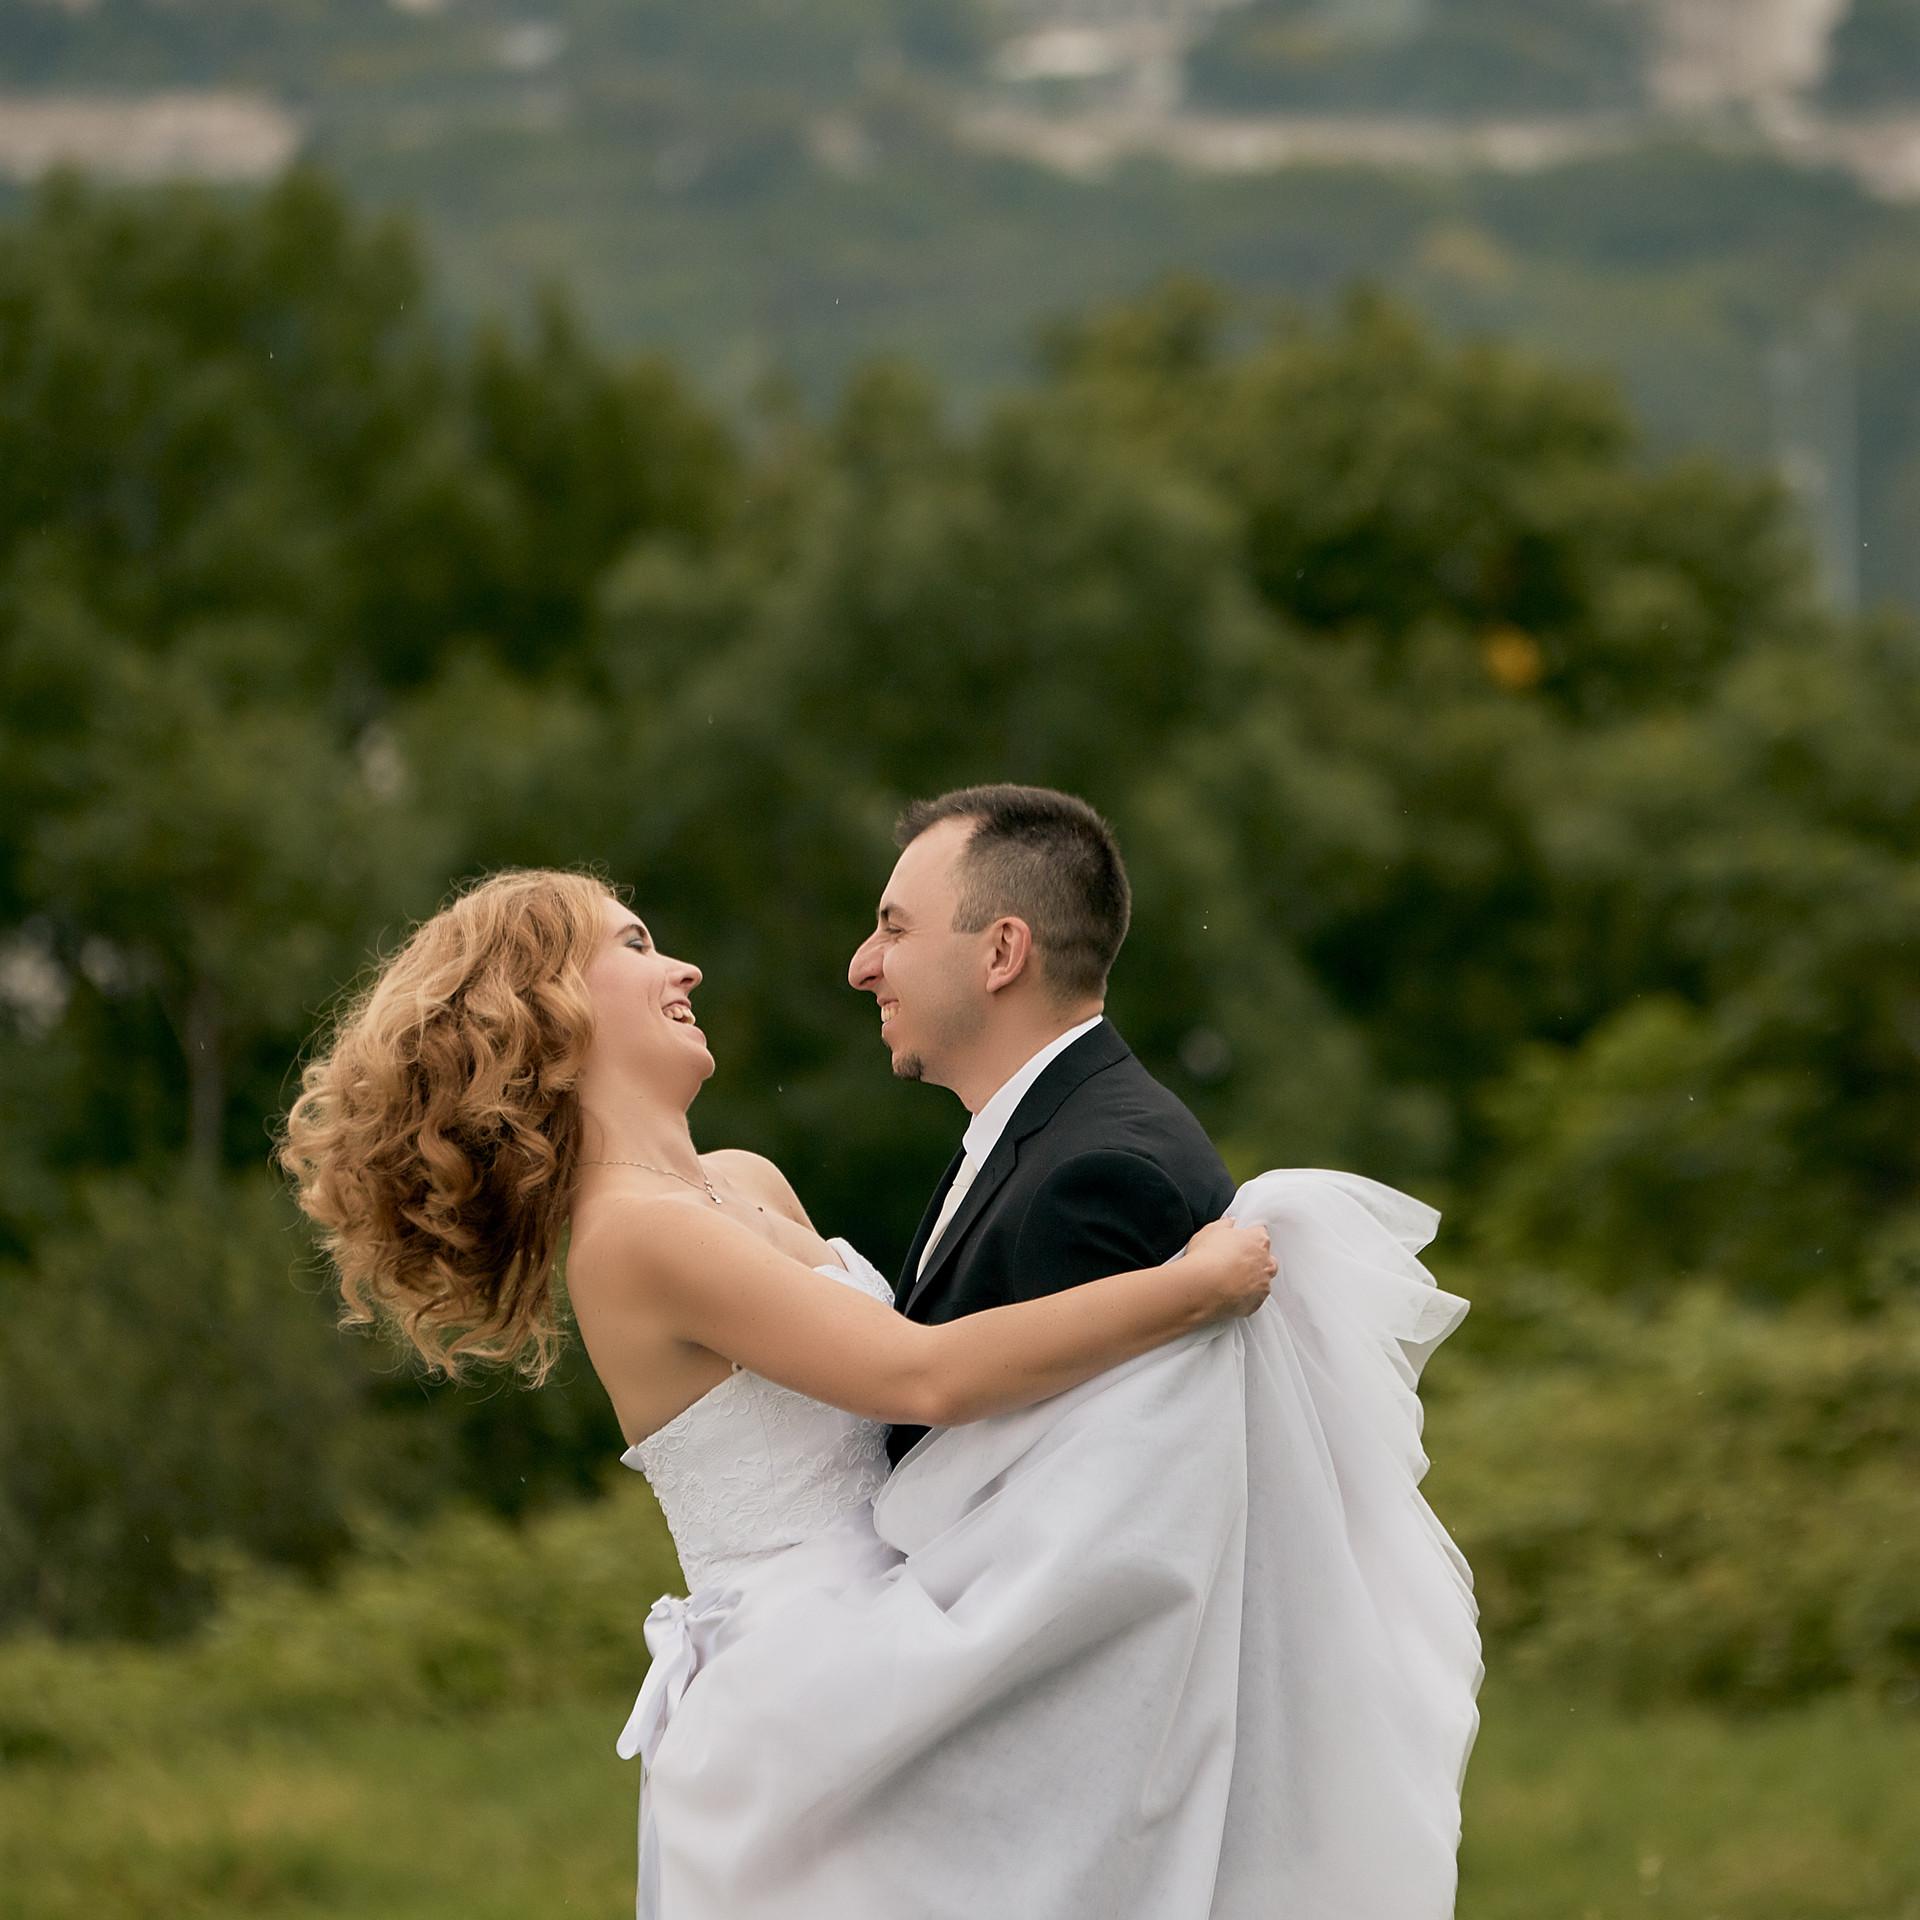 Évi és Csabi esküvői fotói